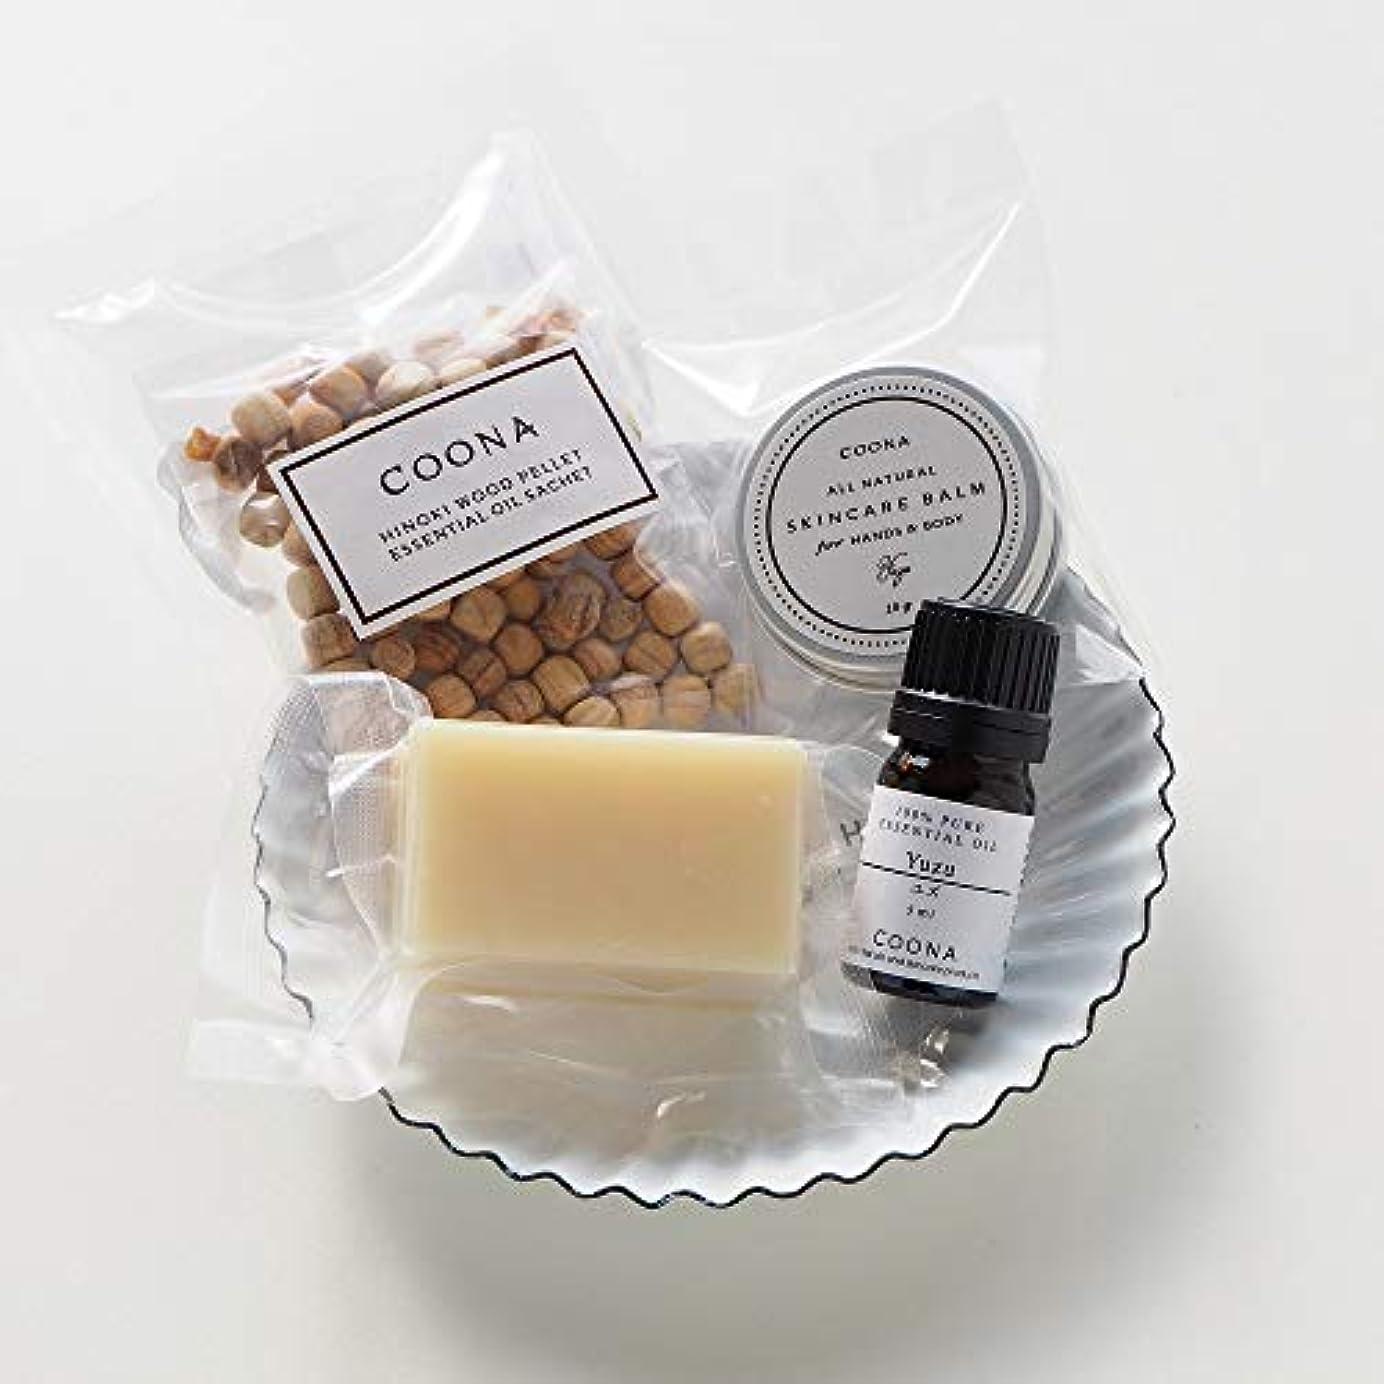 磁器スリーブ意味のある柚子づくし (100%天然ゆず精油&スキンケア製品) オリジナルサシェ付